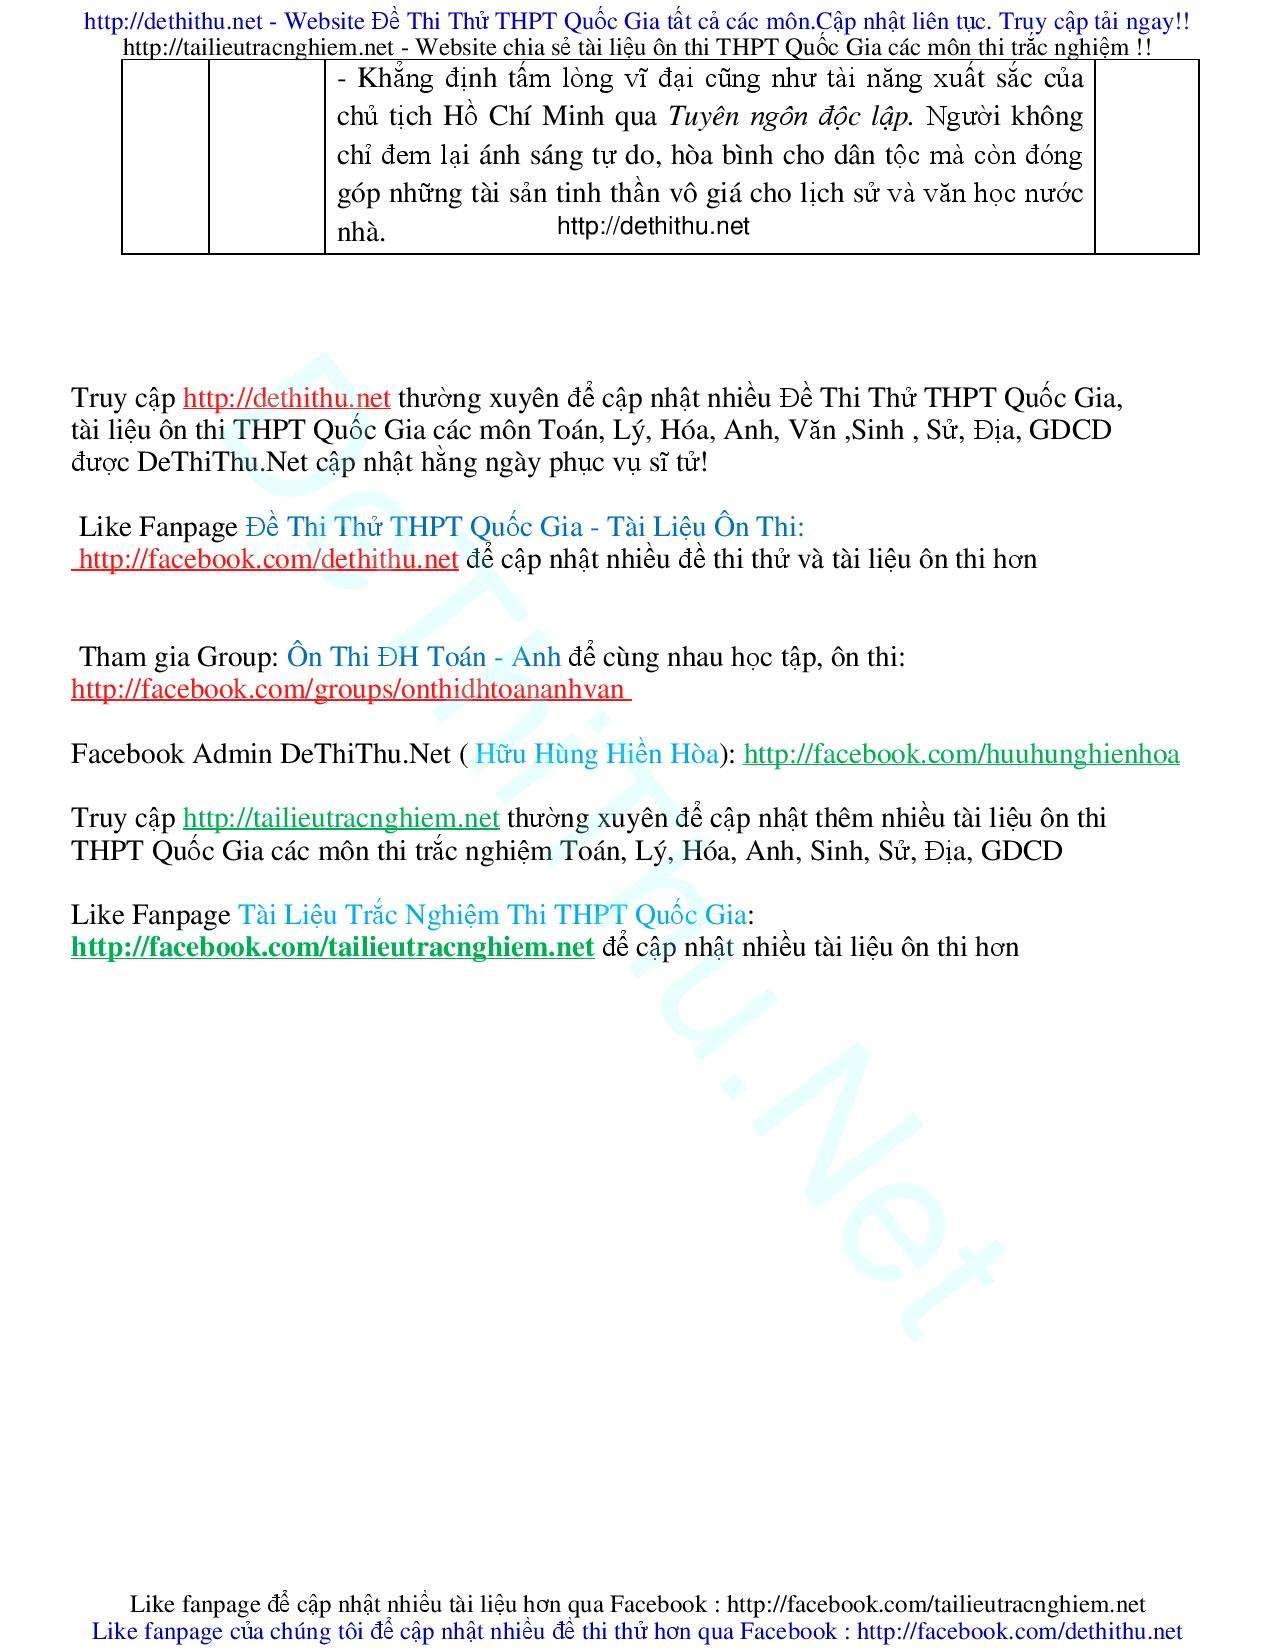 Đề thi thử môn Văn 2017 THPT Yên Lạc, Vĩnh Phúc lần 1